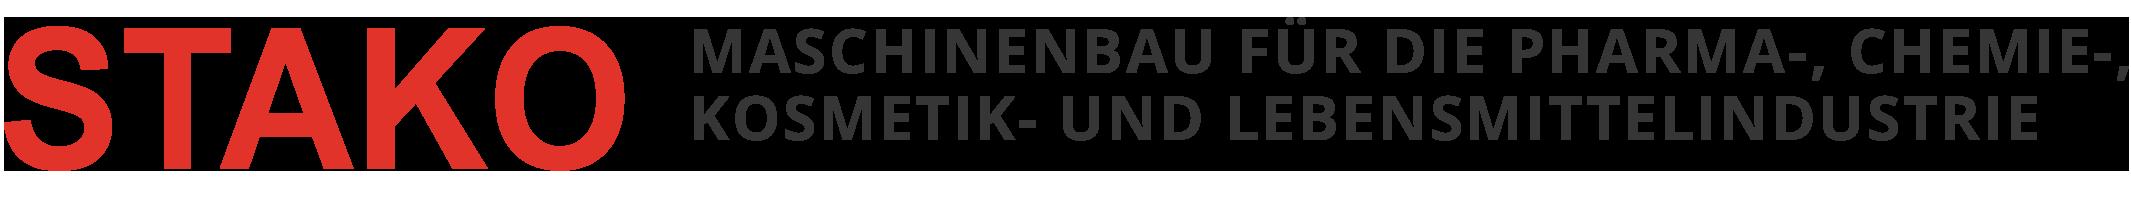 STAKO GmbH Maschinenbau